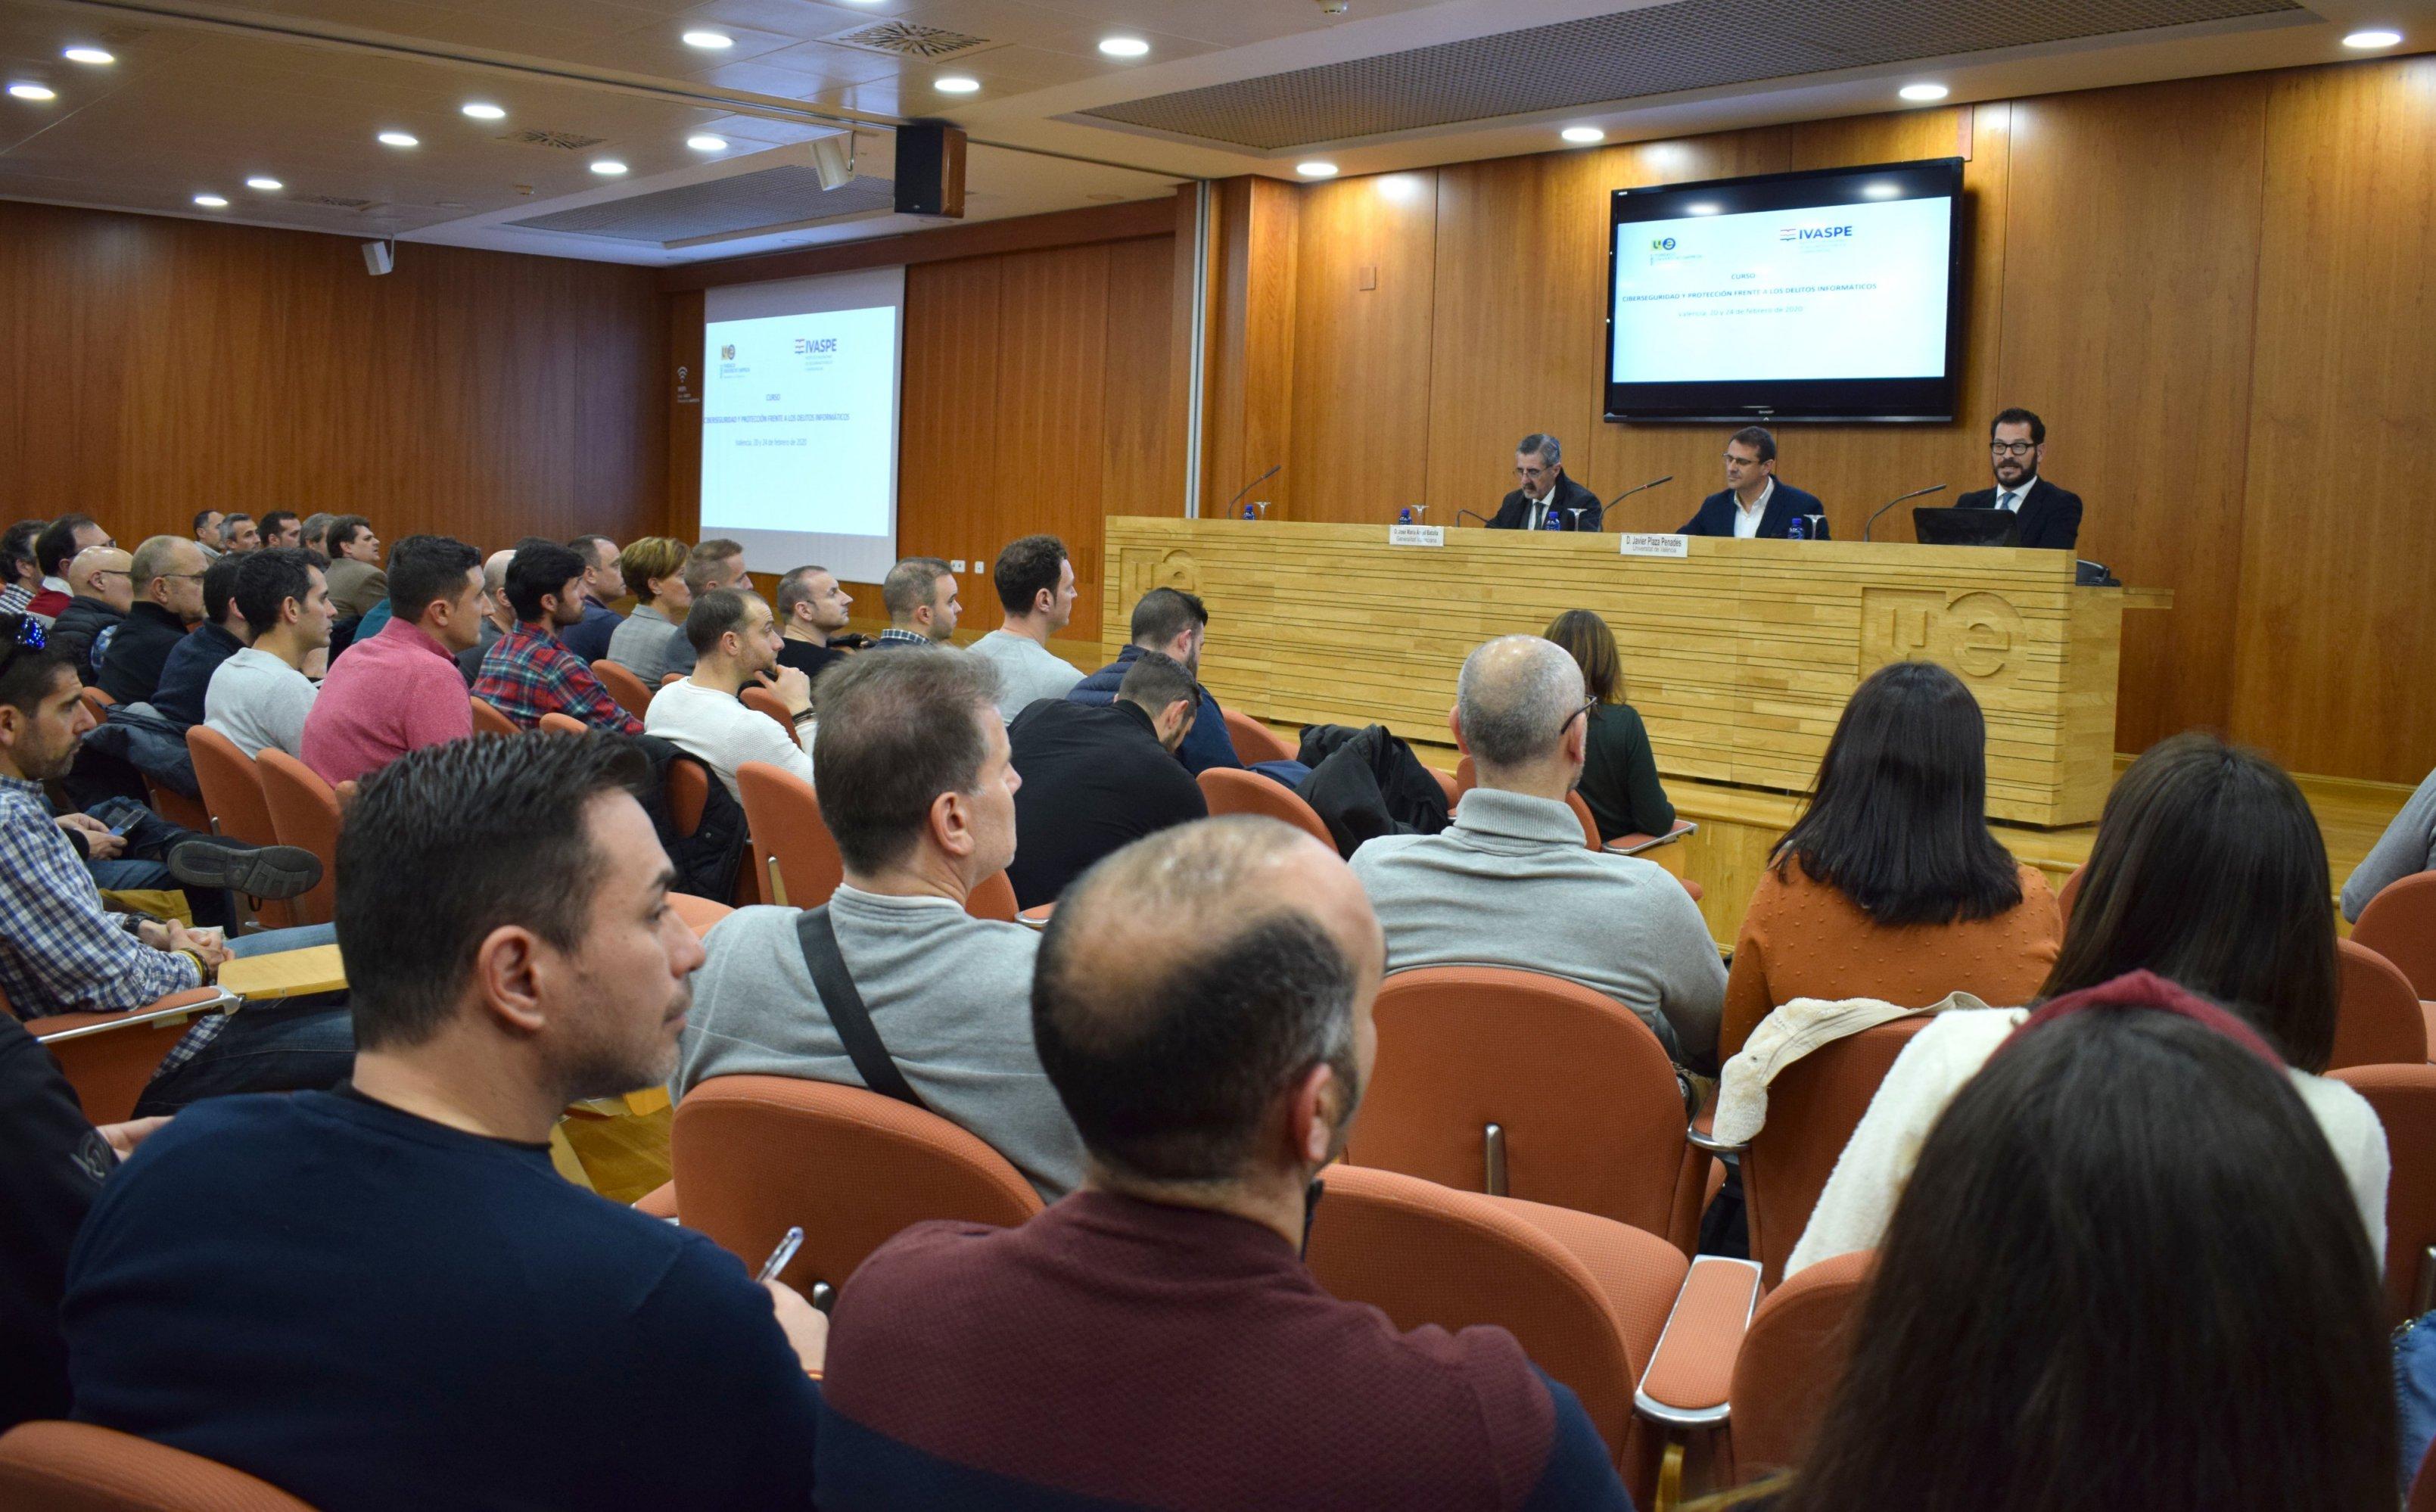 El Ivaspe y la Universitat de València organizan cursos específicos sobre ciberseguridad y delitos contra la libertad sexual dirigidos a policías